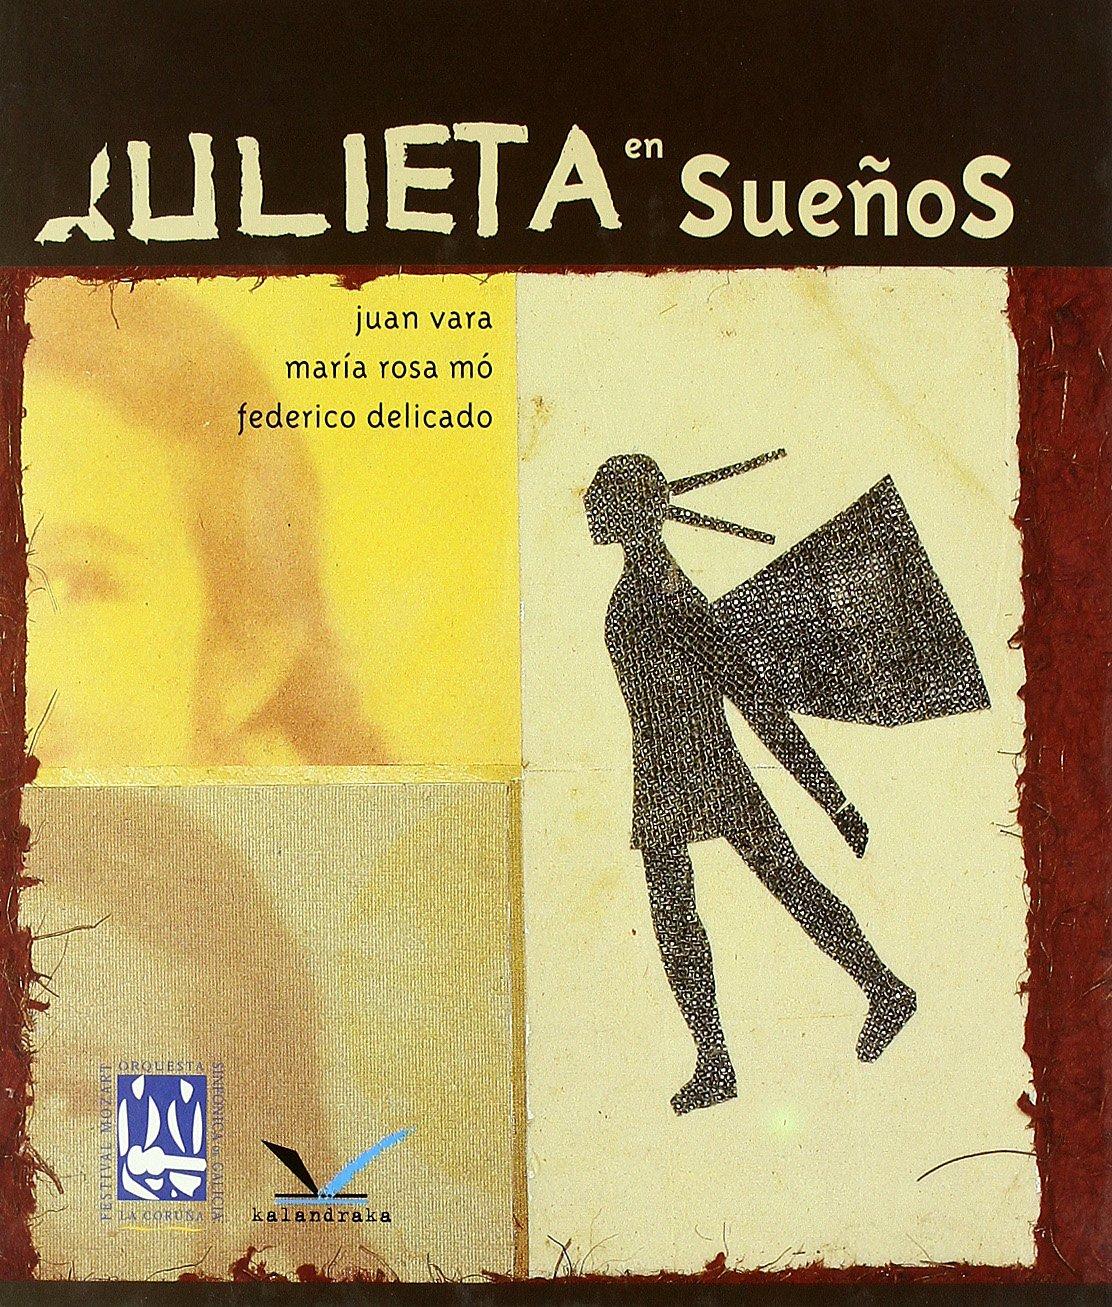 Julieta en sueños + CD (Sondecuento): Amazon.es: Vara, Juan, Mo ...